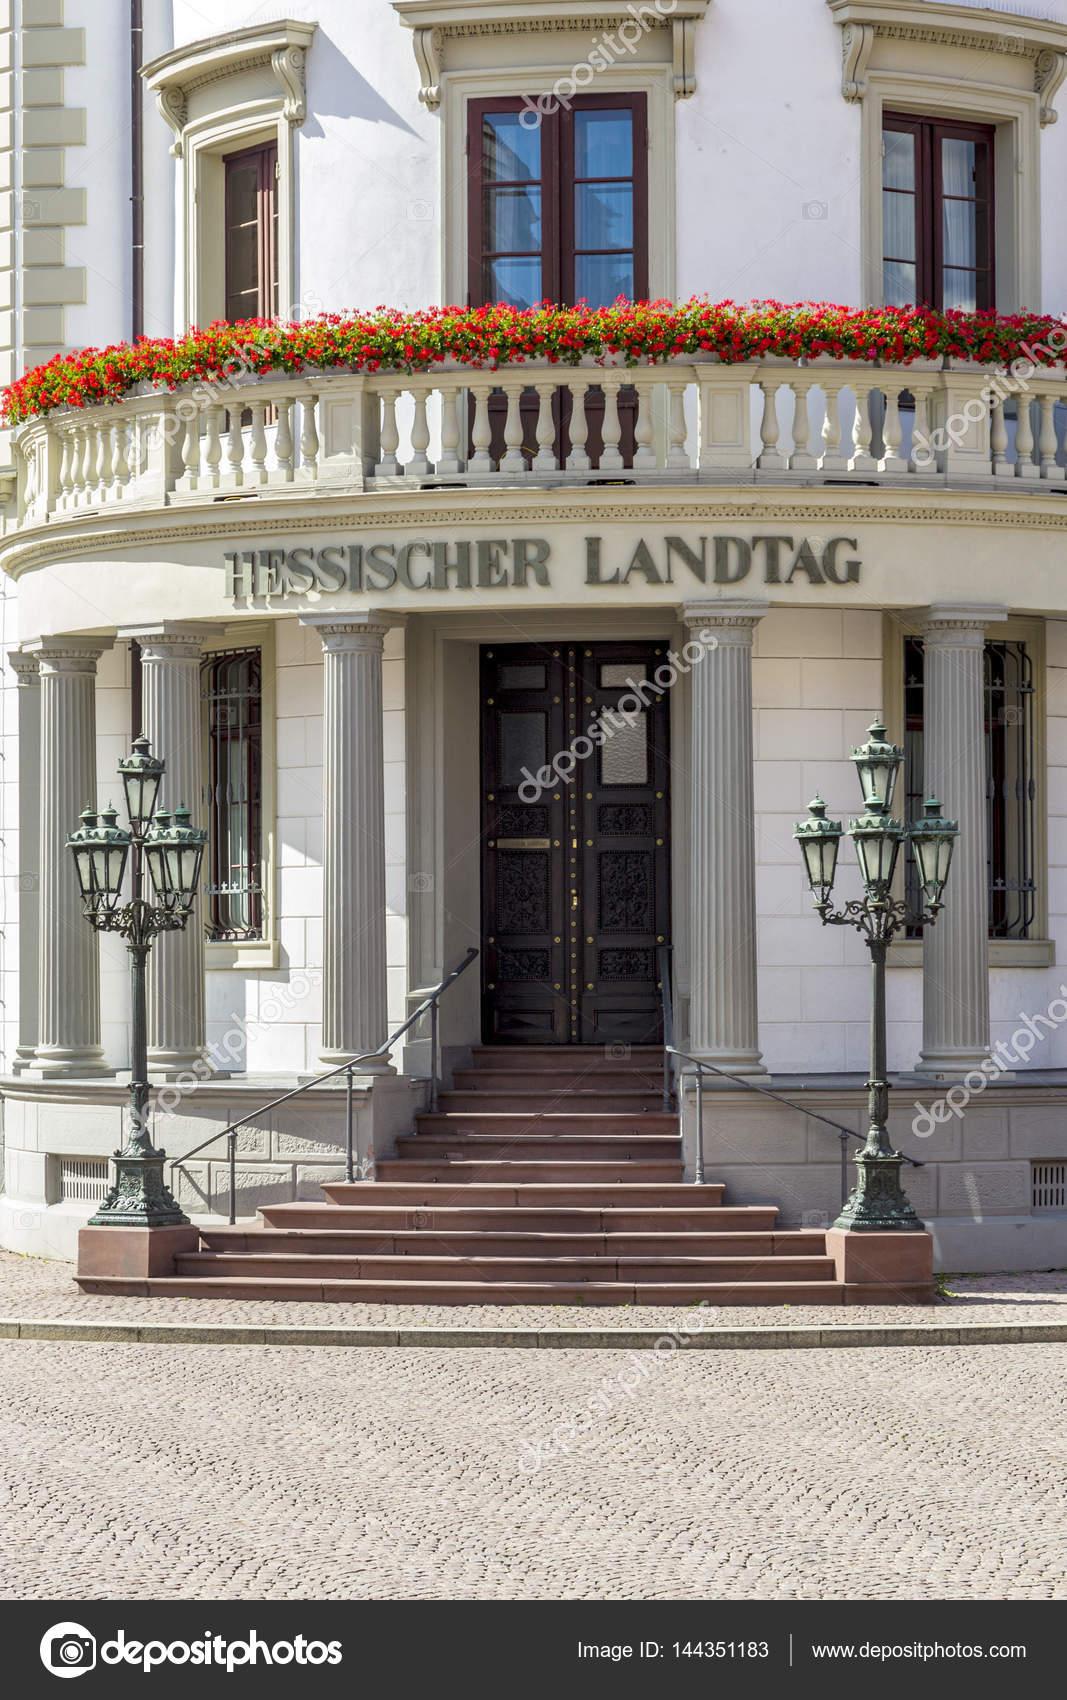 Haus der Politik den hessischen Landtag in Wiesbaden